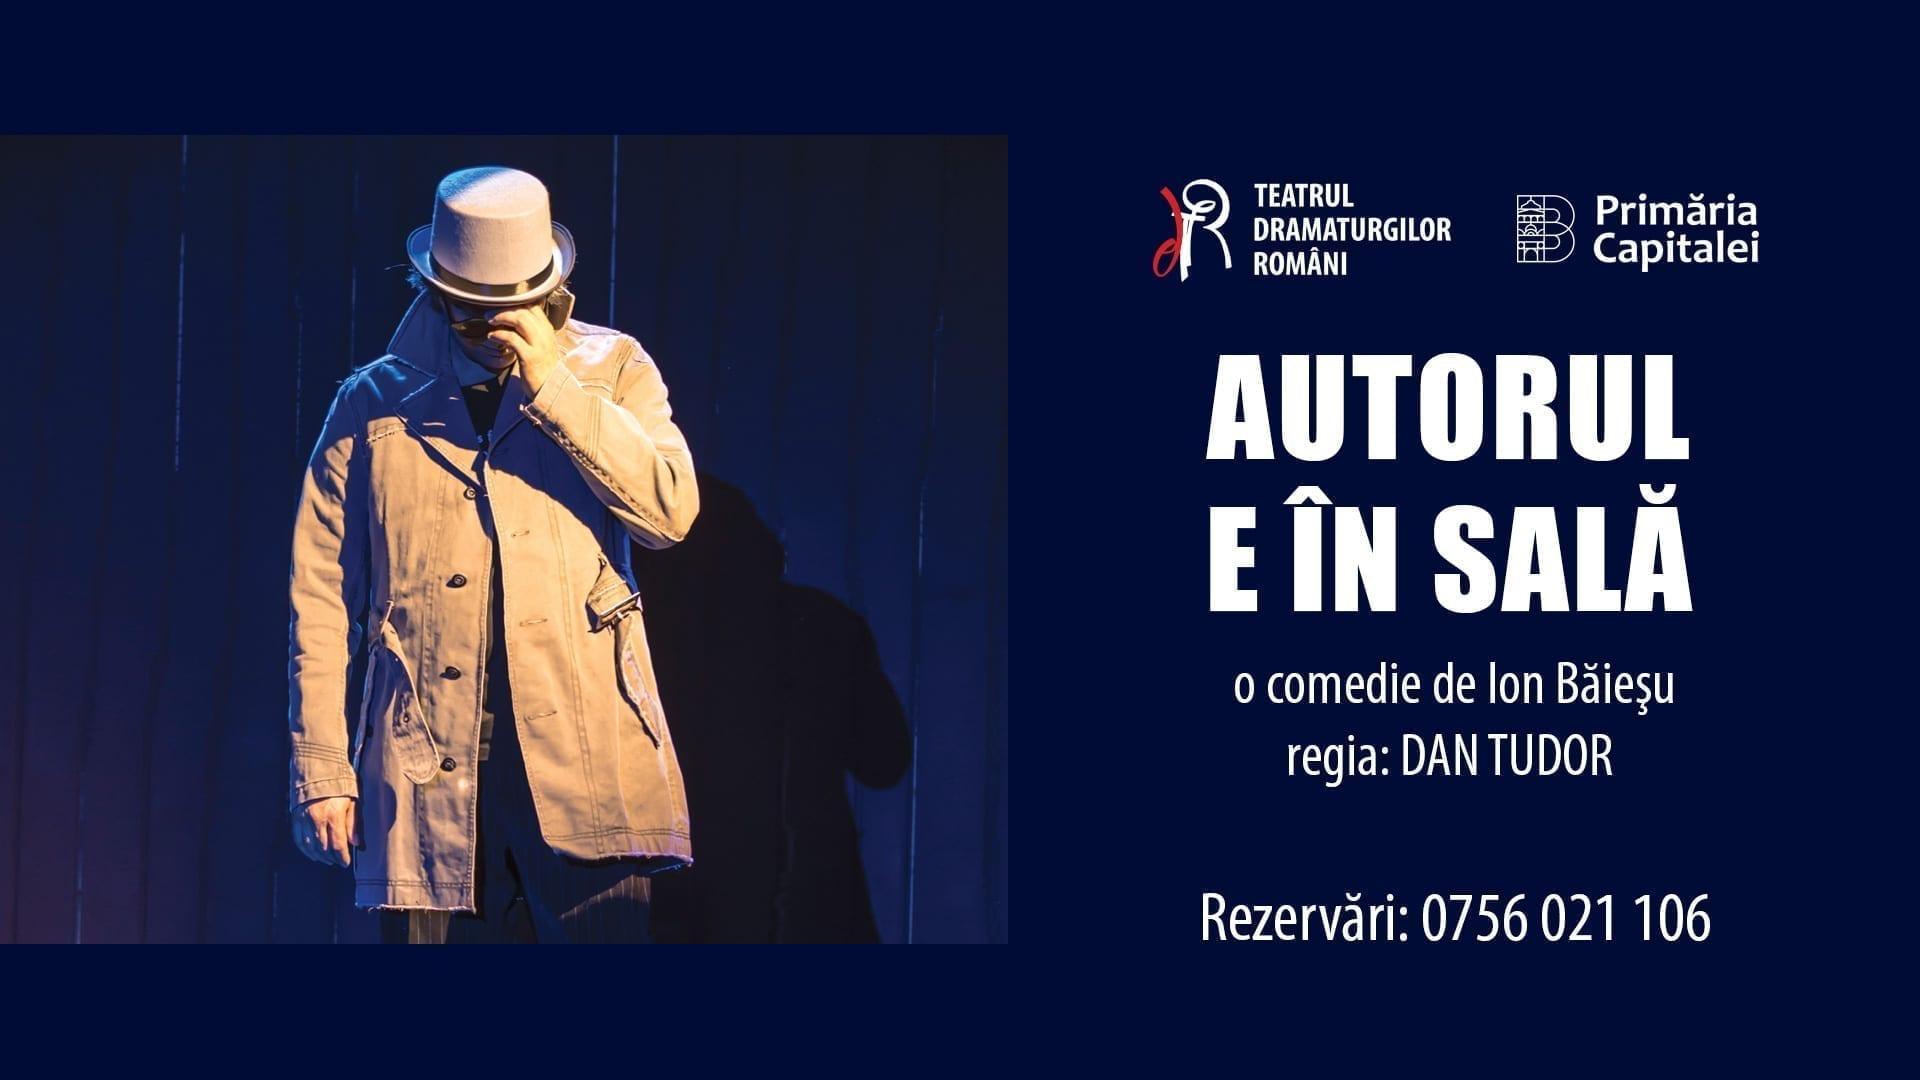 AUTORUL E ÎN SALĂ, regia Dan Tudor